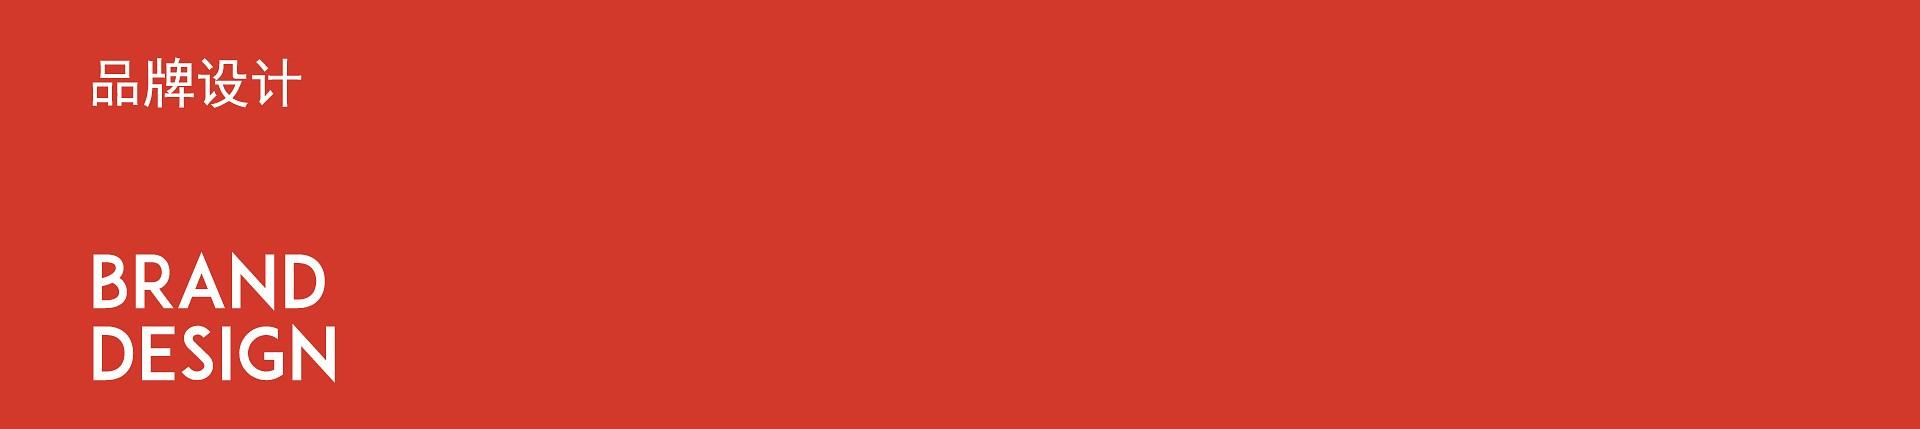 2019-服务版本-品牌设计.jpg